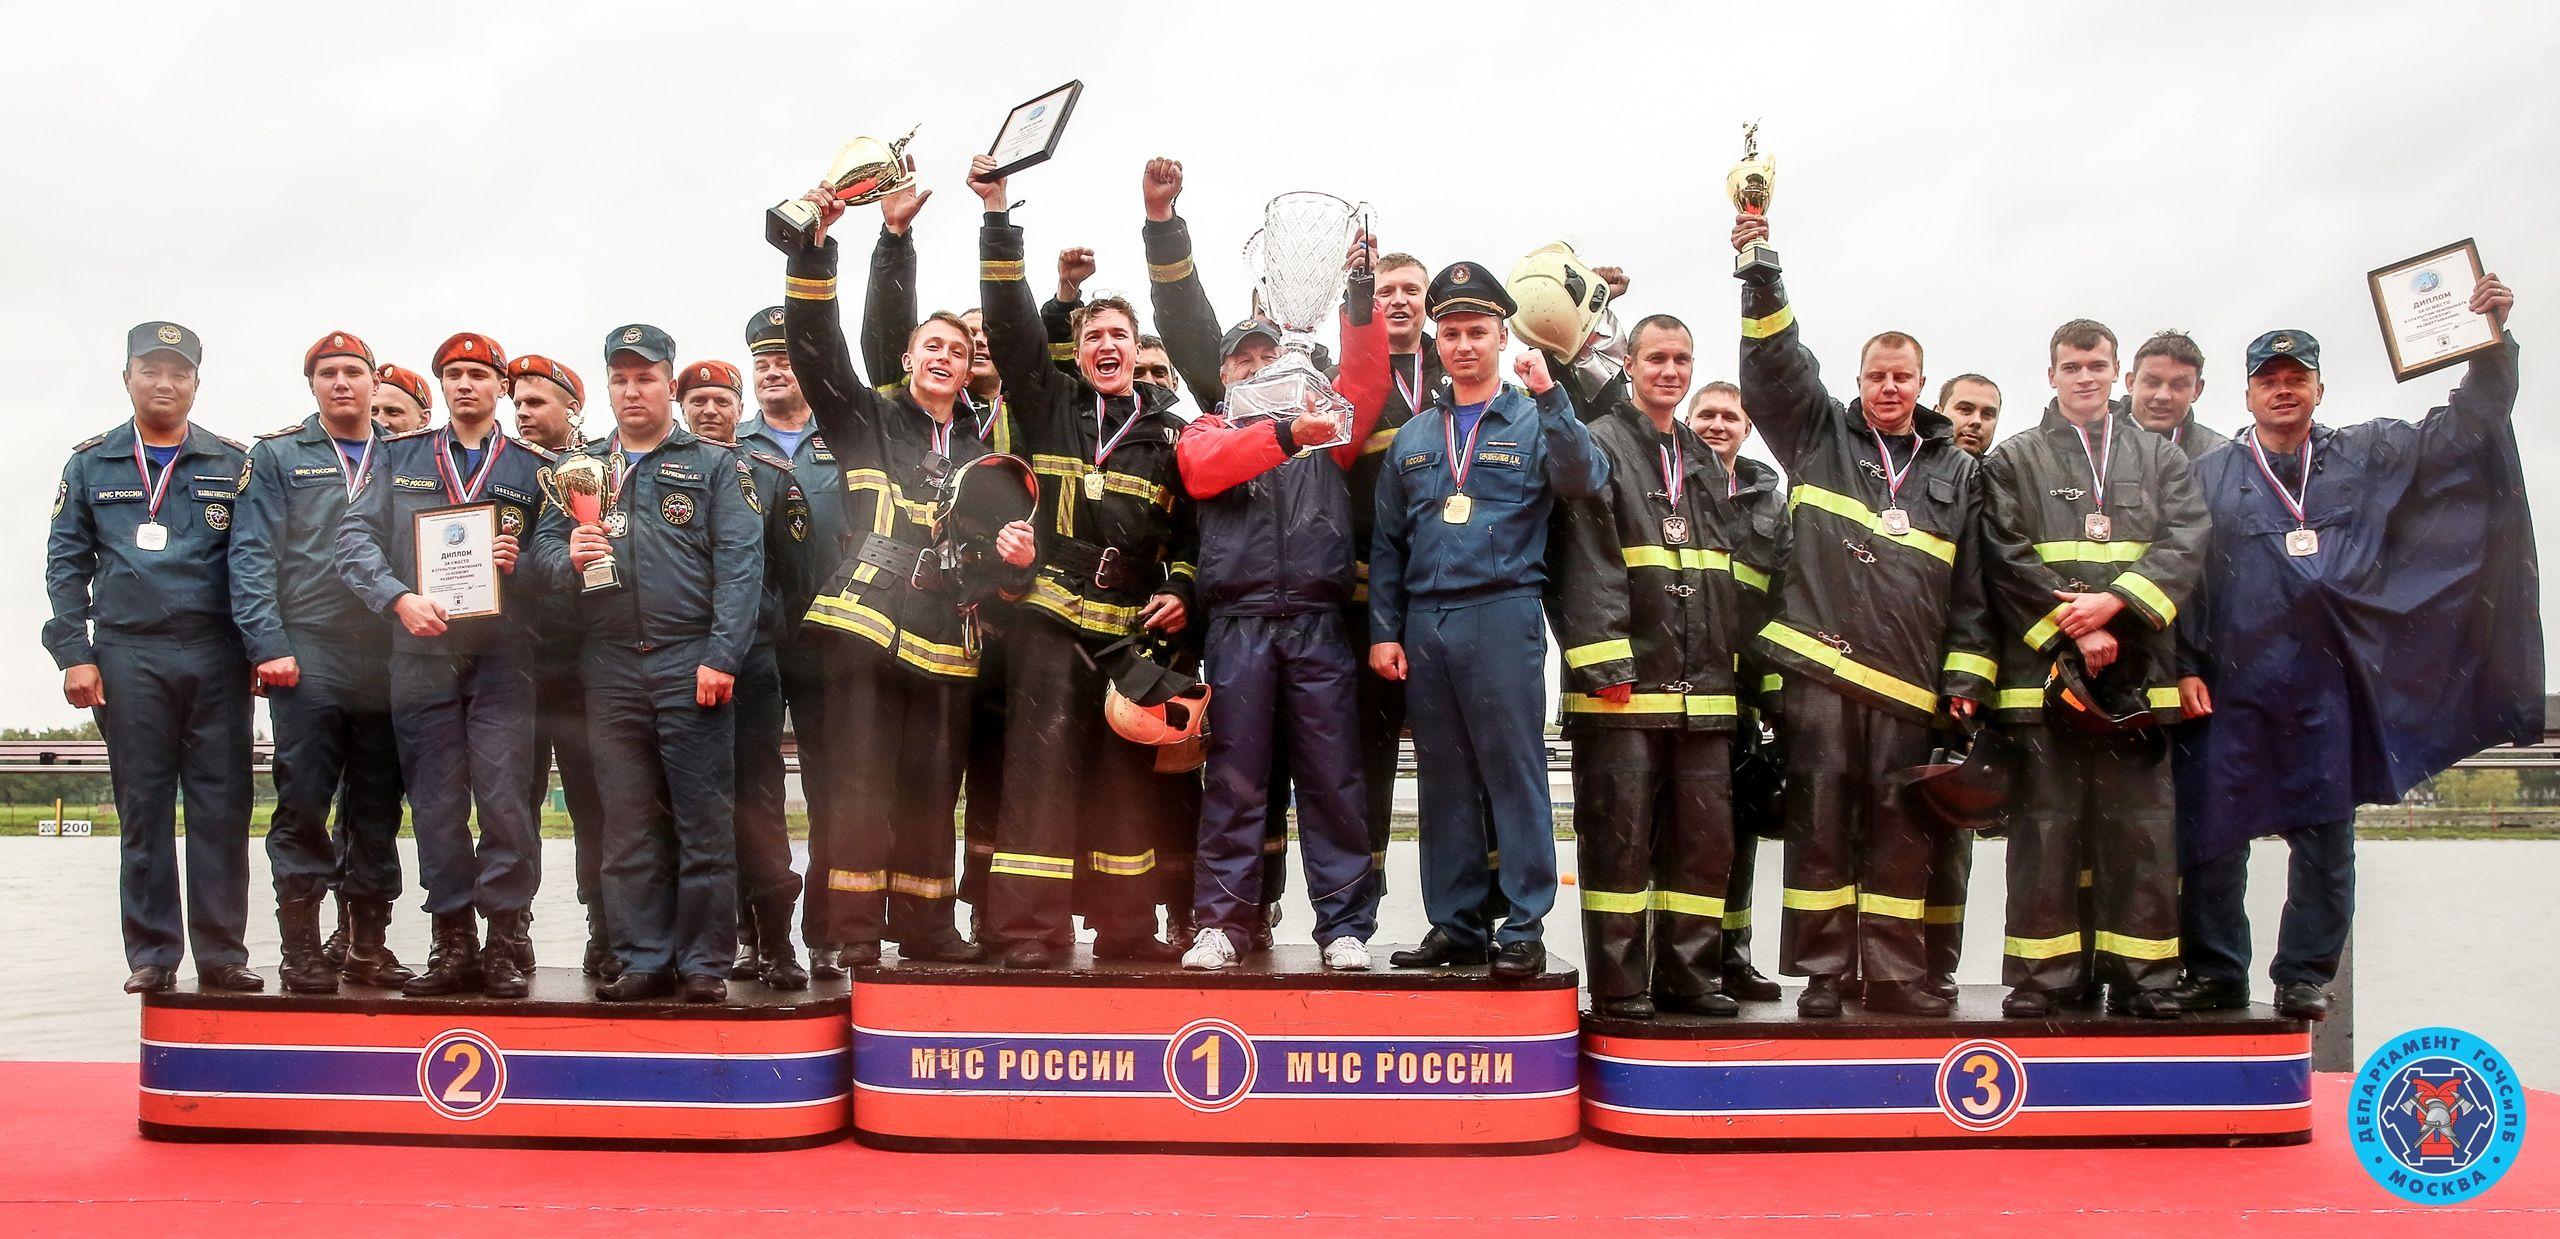 Московские пожарные победили на Чемпионате по боевому развертыванию